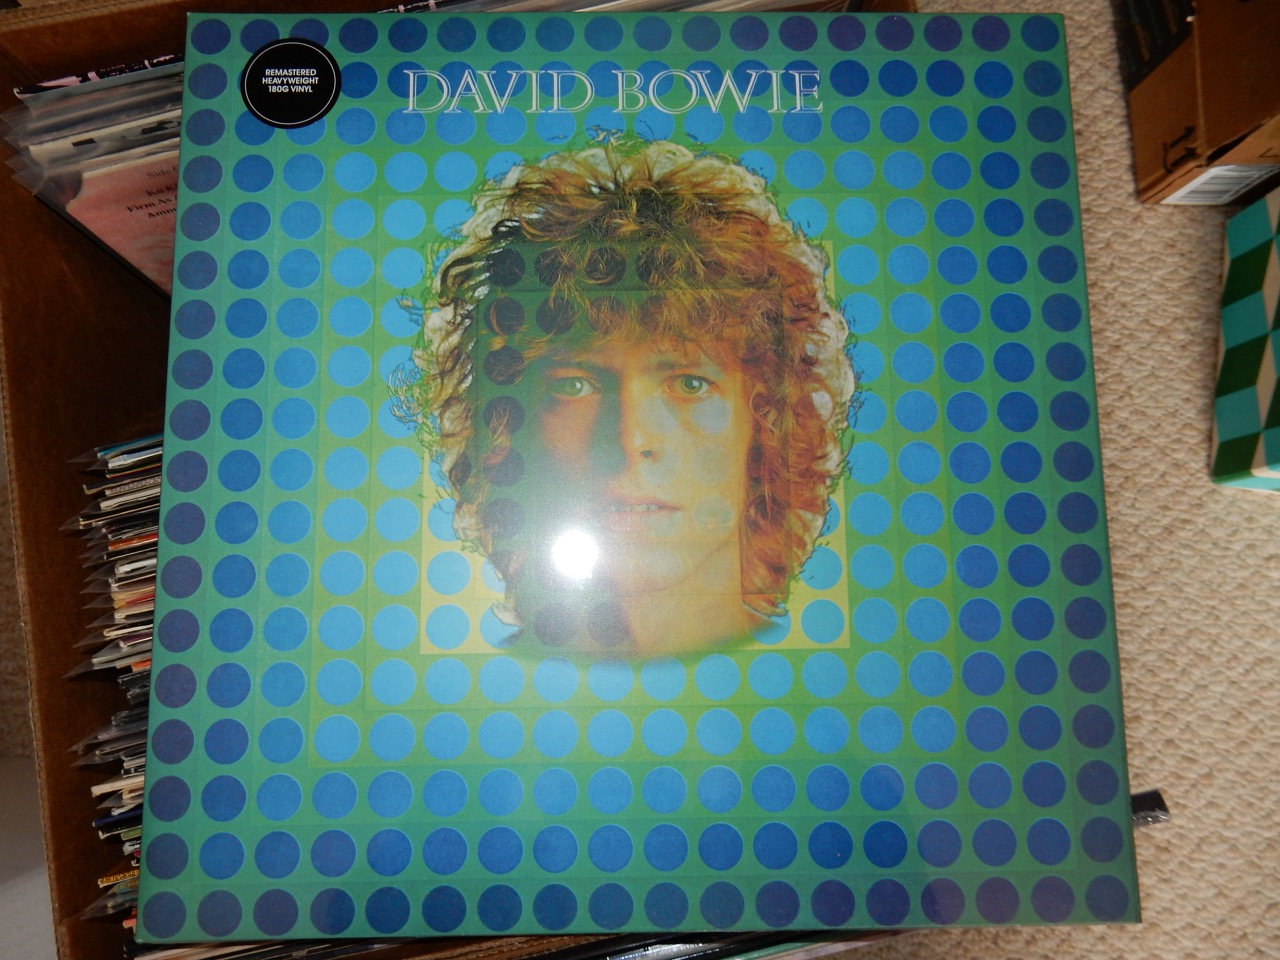 """David Bowie - David Bowie """"Space Oddity"""" 180 Gram Vinyl Remaster"""